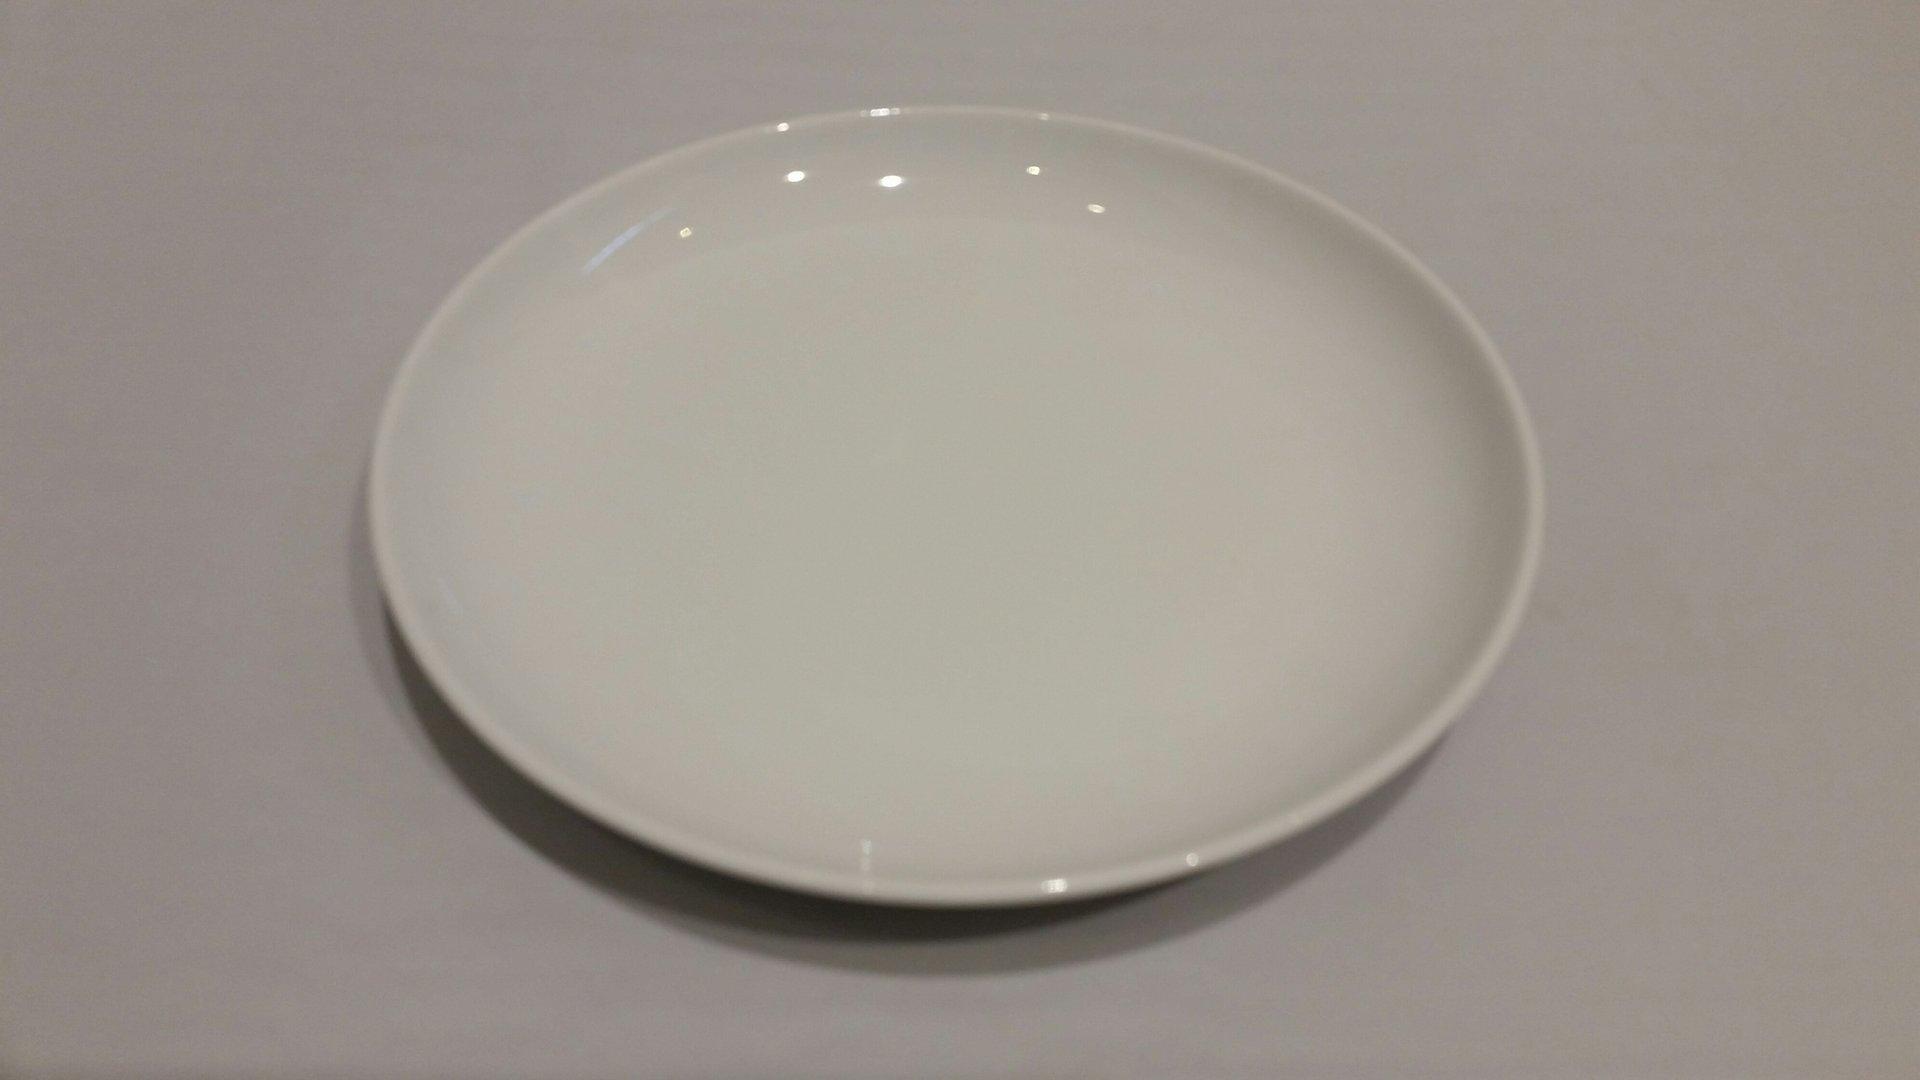 Plato postre 18cm liso porcelana blanca for Platos porcelana blanca